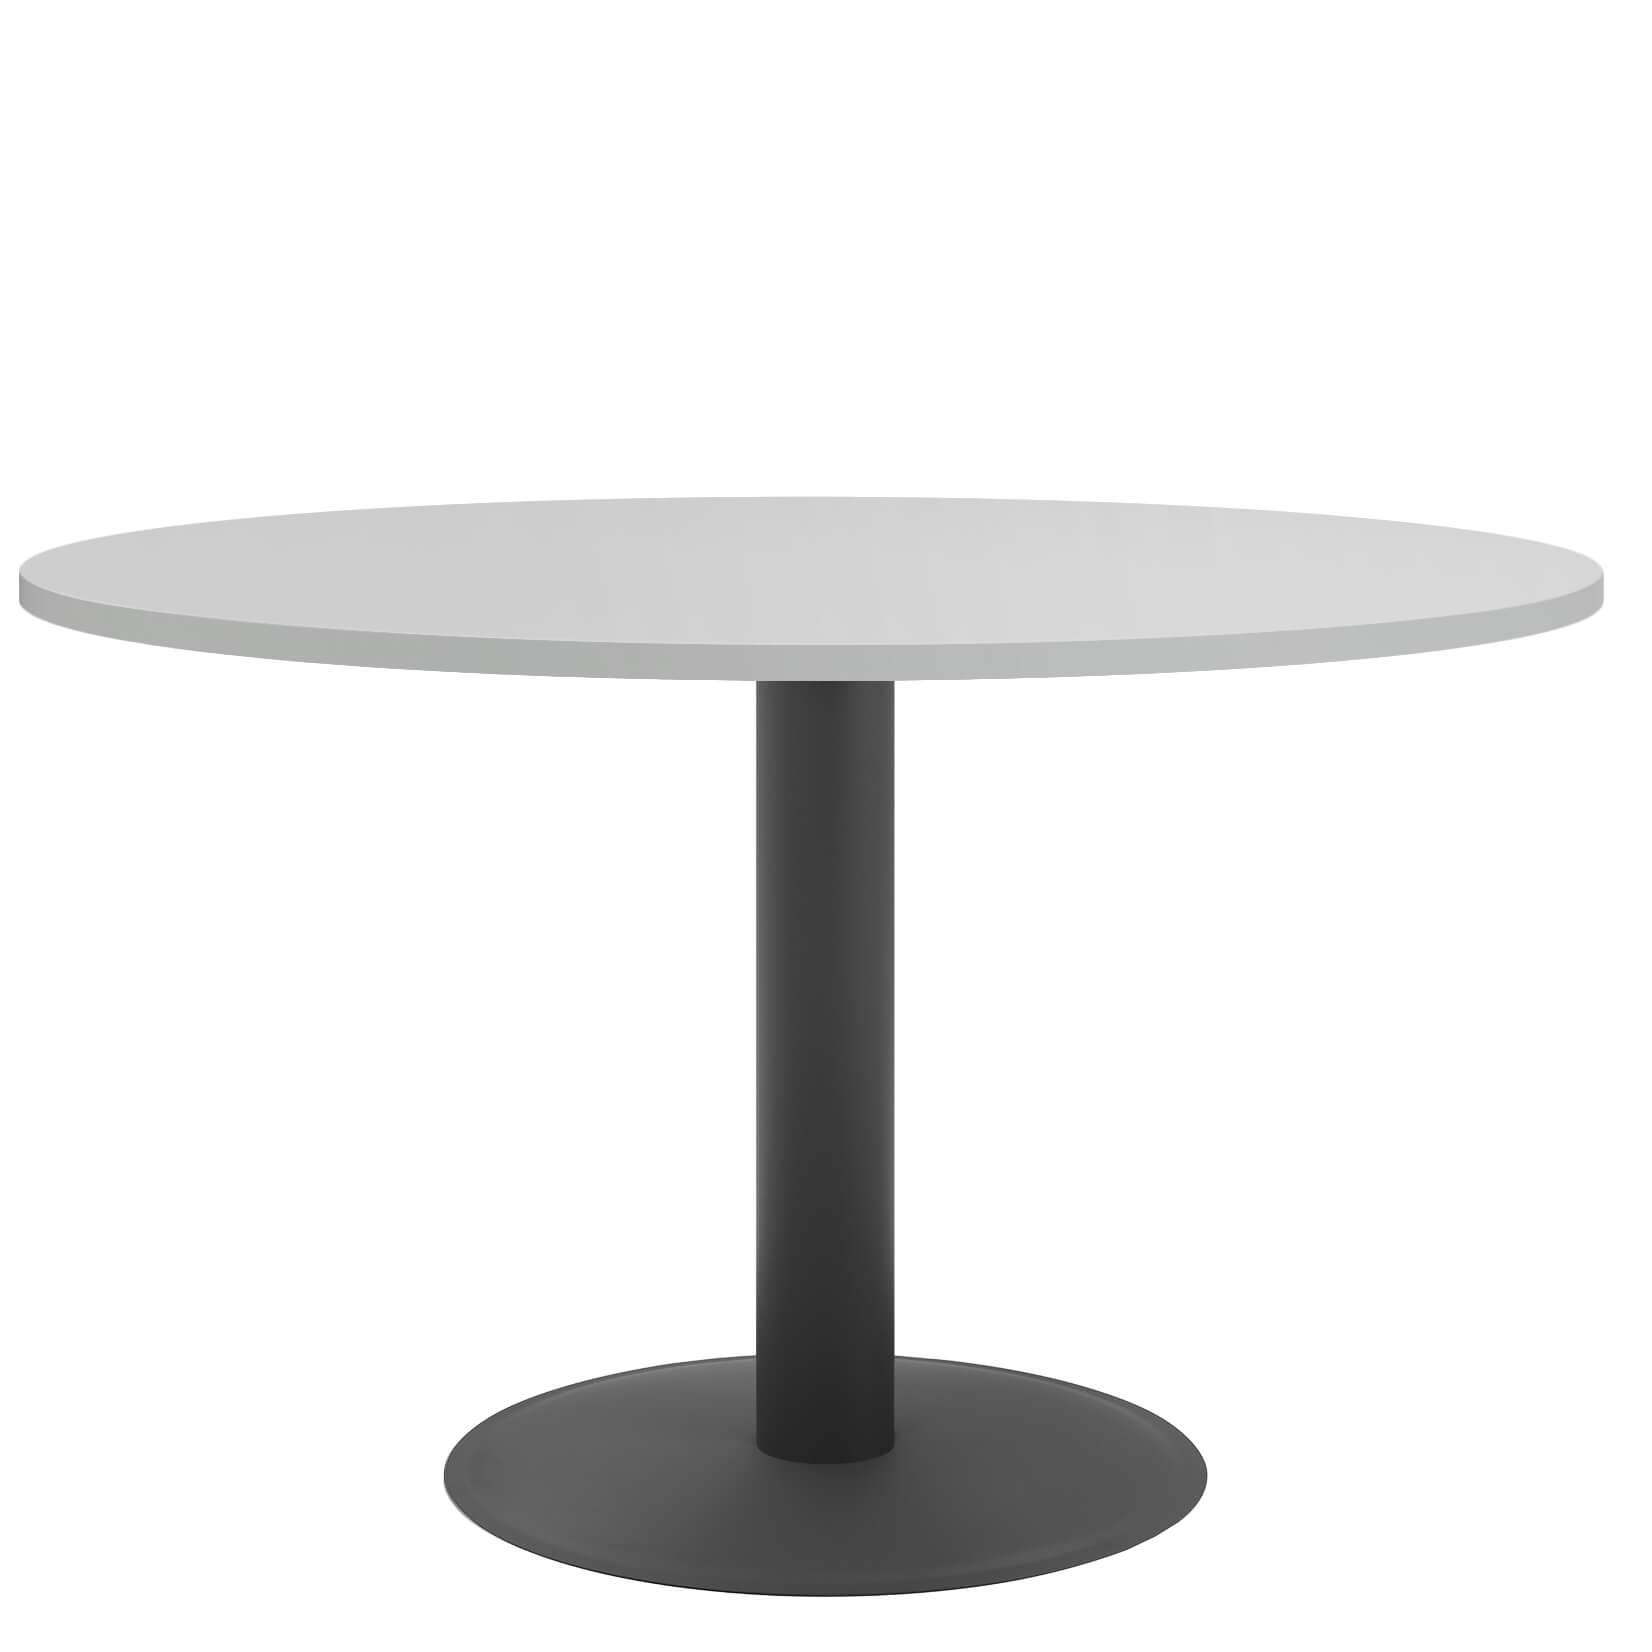 OPTIMA runder Besprechungstisch Esstisch Küchentisch Tisch Lichtgrau Rund Ø 120 cm